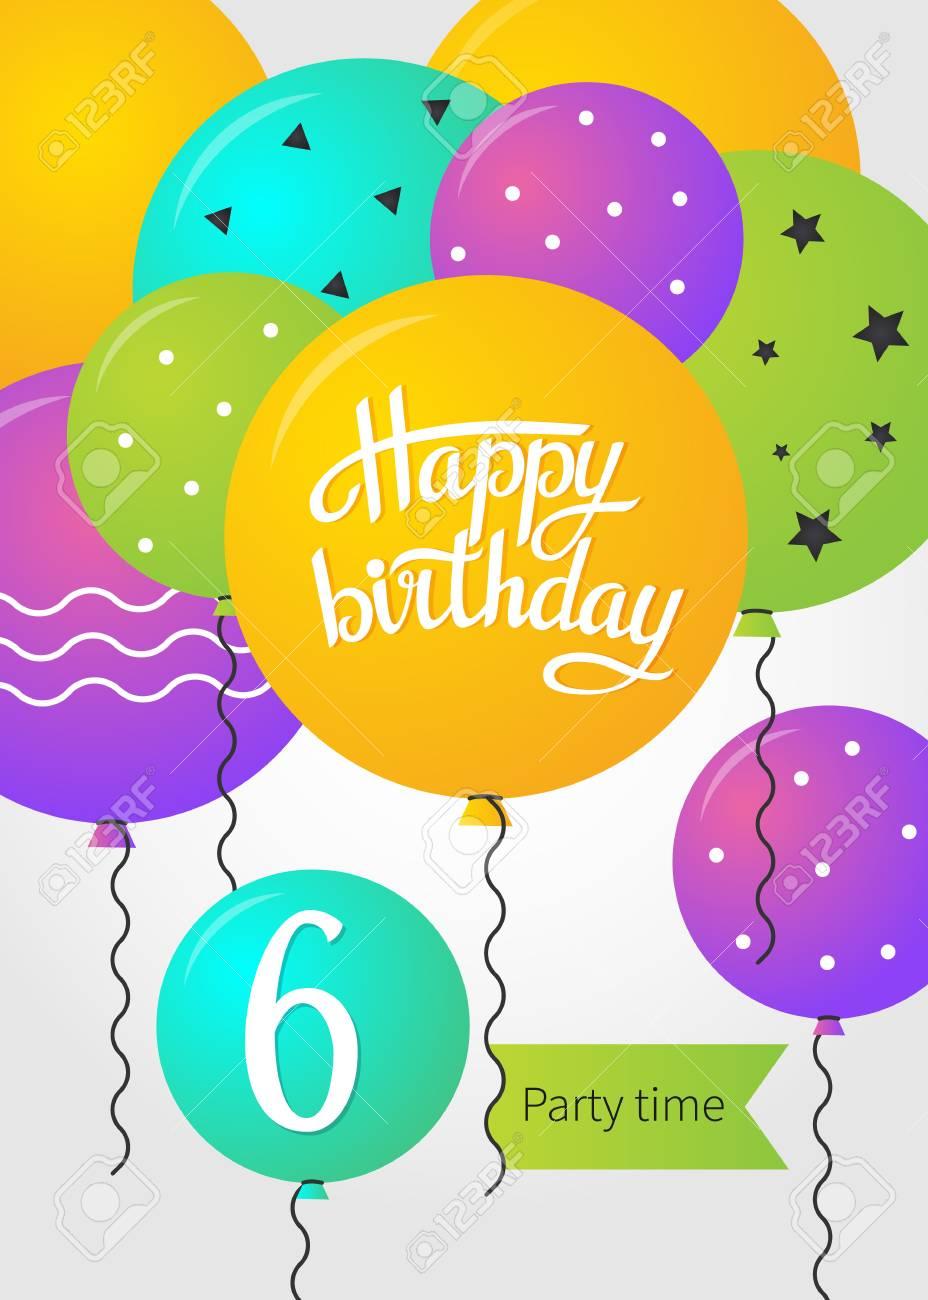 Modele De Carte De Joyeux Anniversaire Avec Des Ballons 6 Ans